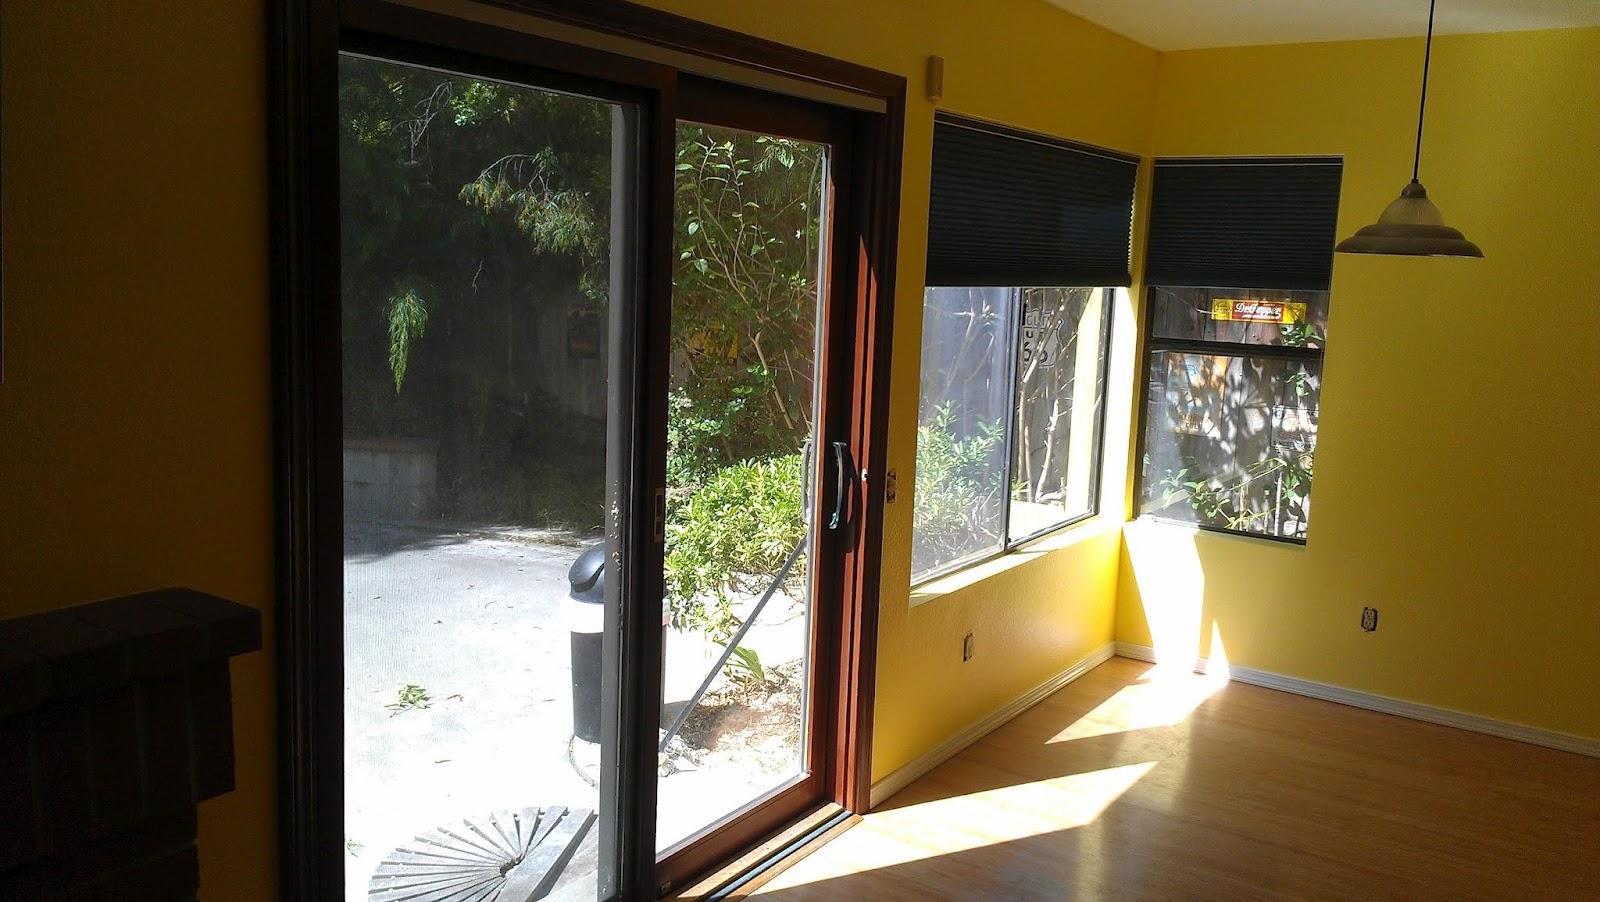 Eccezionale Vita a San Diego: 1016 - le finestre BZ33